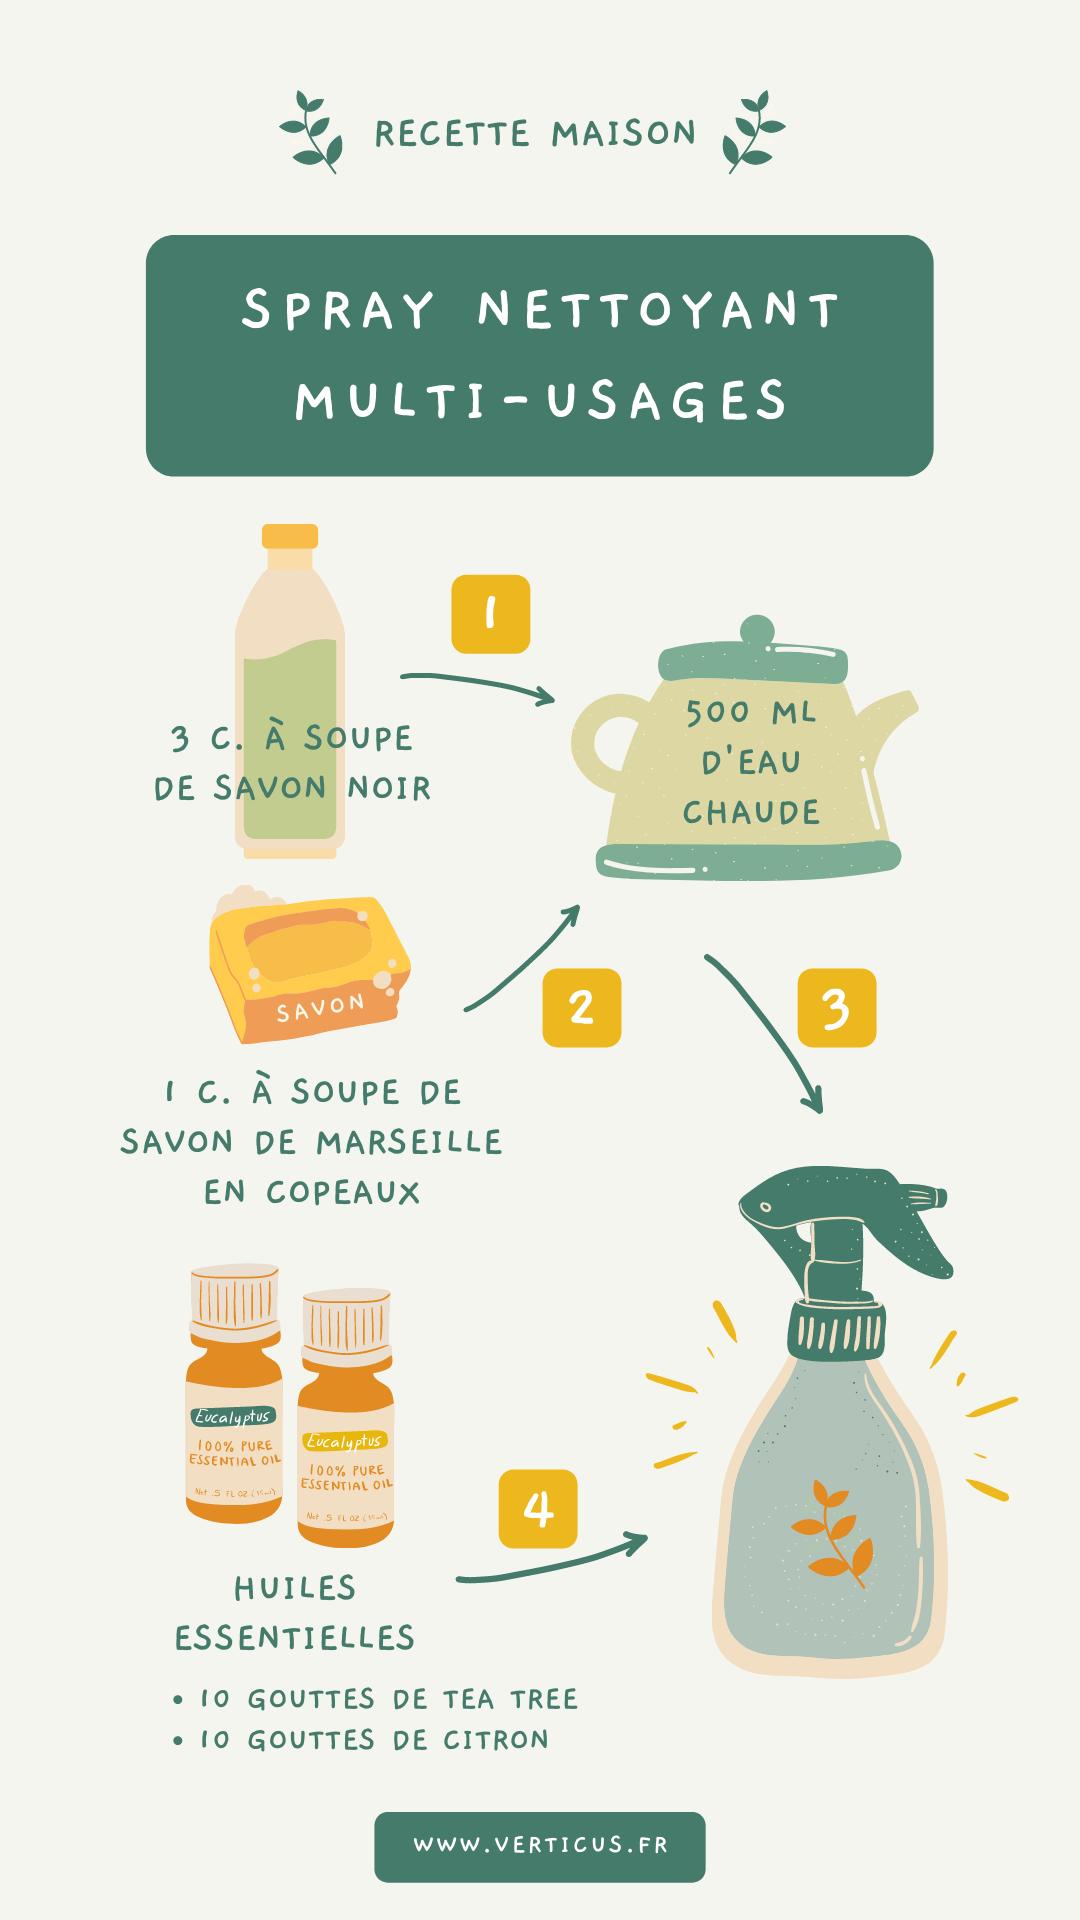 Recette maison pour faire un produit nettoyant multi-usages